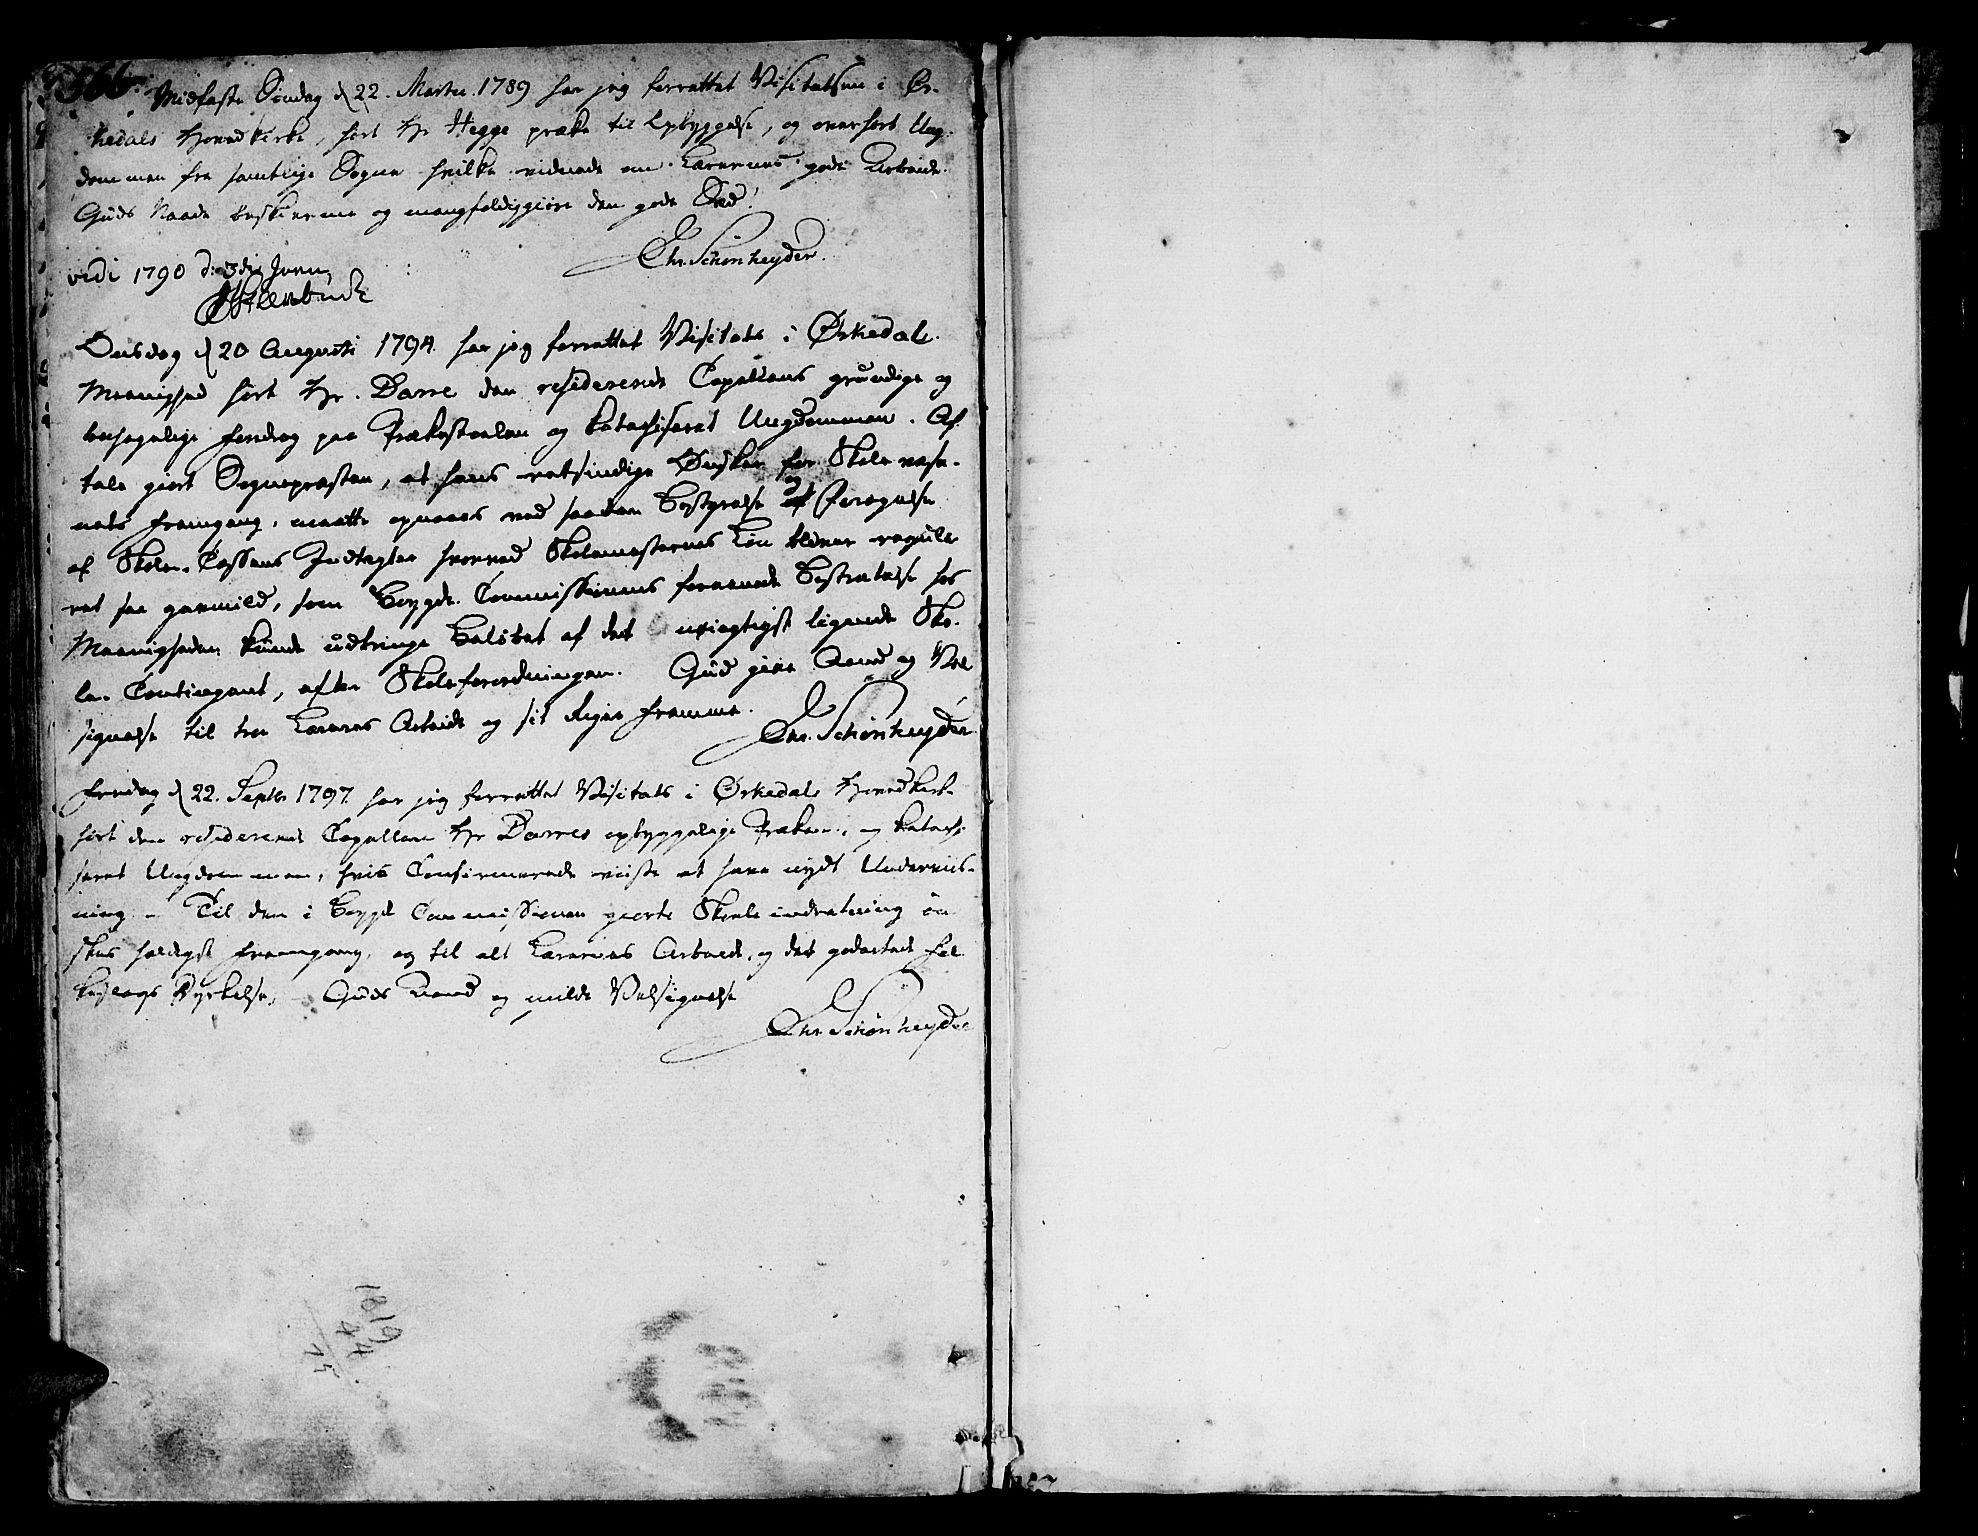 SAT, Ministerialprotokoller, klokkerbøker og fødselsregistre - Sør-Trøndelag, 668/L0802: Ministerialbok nr. 668A02, 1776-1799, s. 566-567